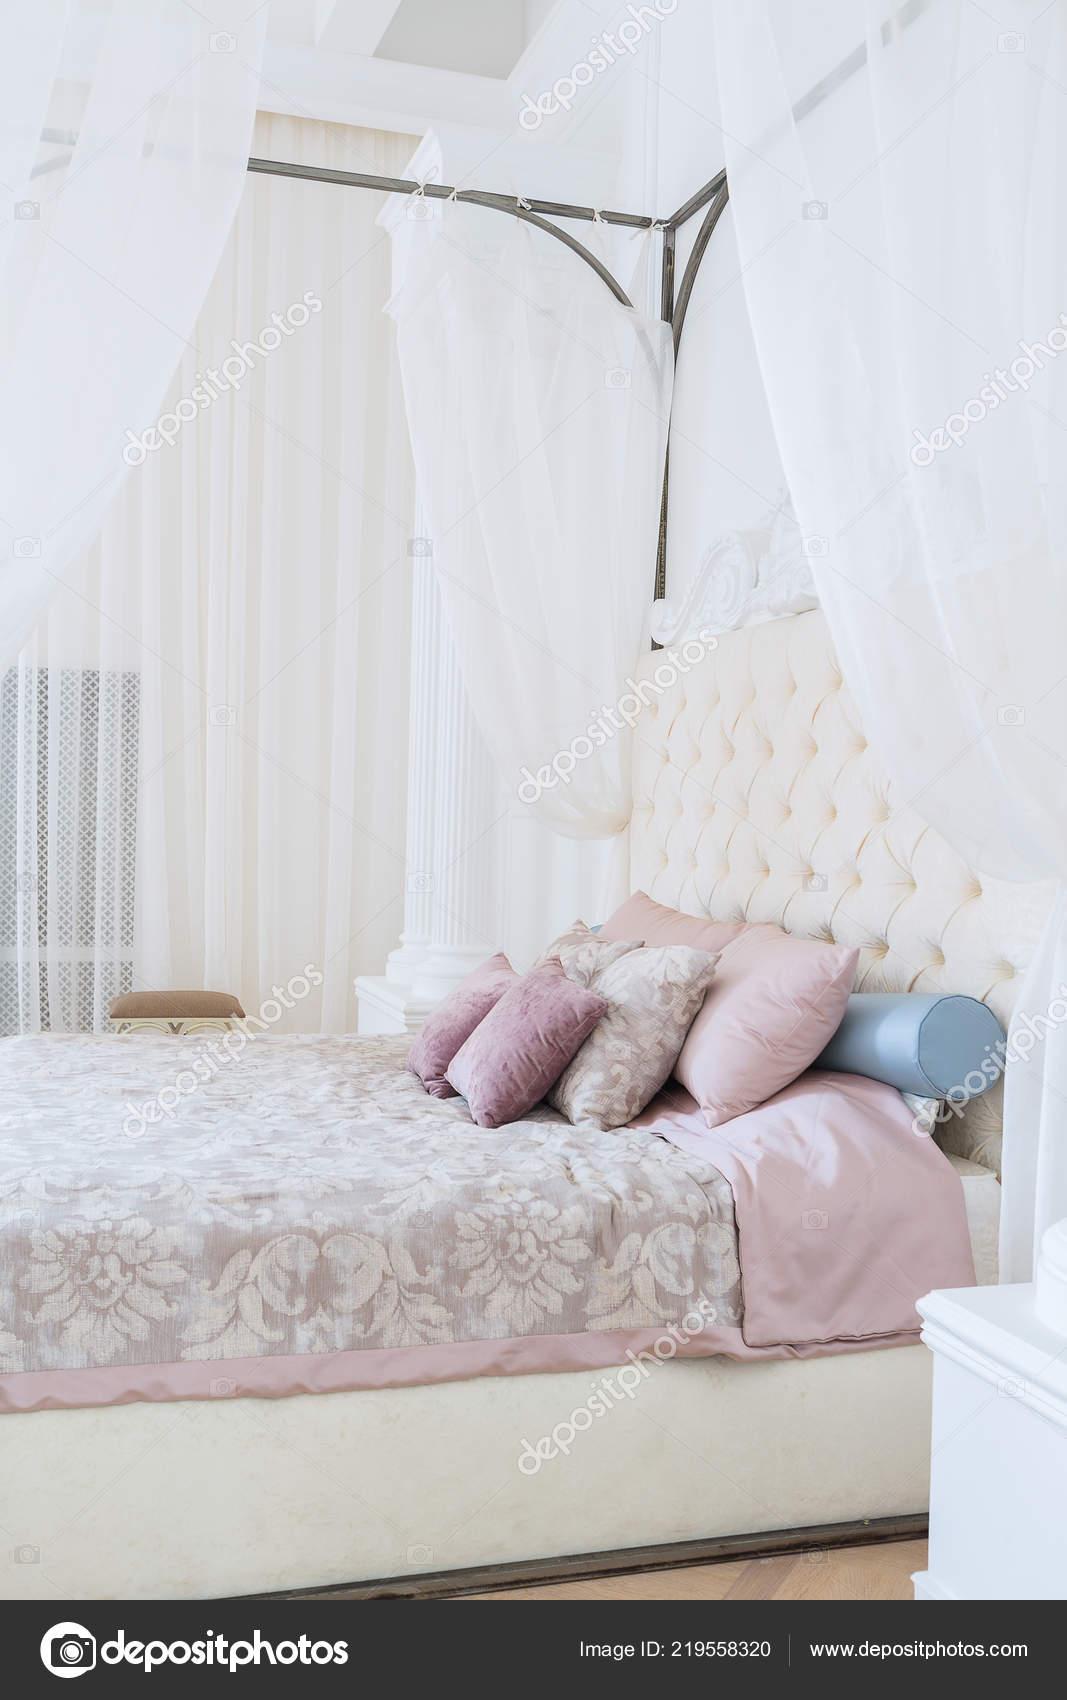 Luxury Classic Interior Design Bedroom Luxury Rich Bedroom Interior Design Elegant Classic Furniture u2014 Stock Photo